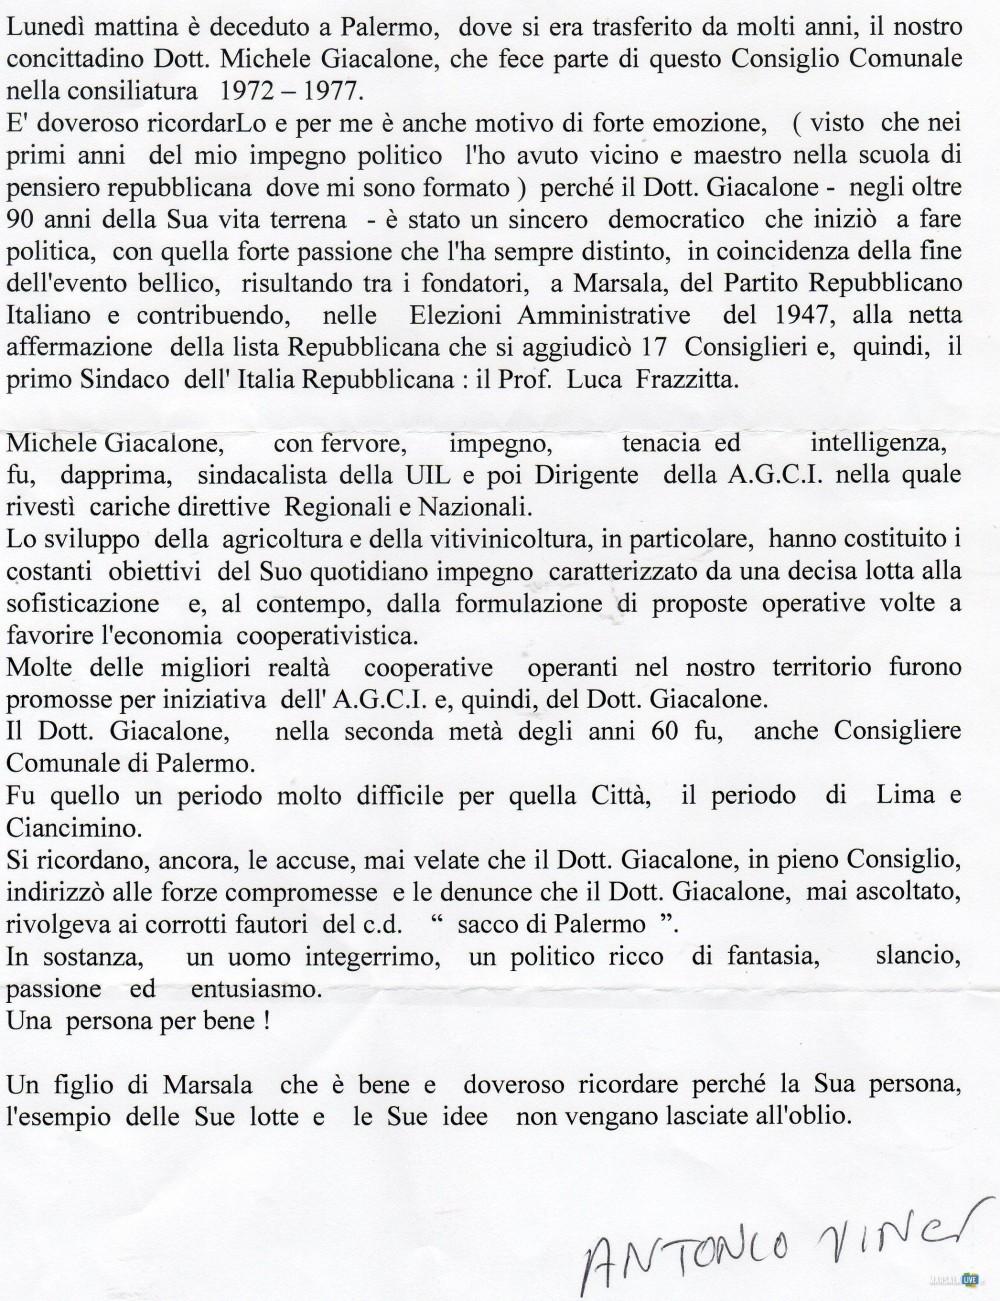 Il consigliere Antonio Vinci ricorda la figura di Michele Giacalone